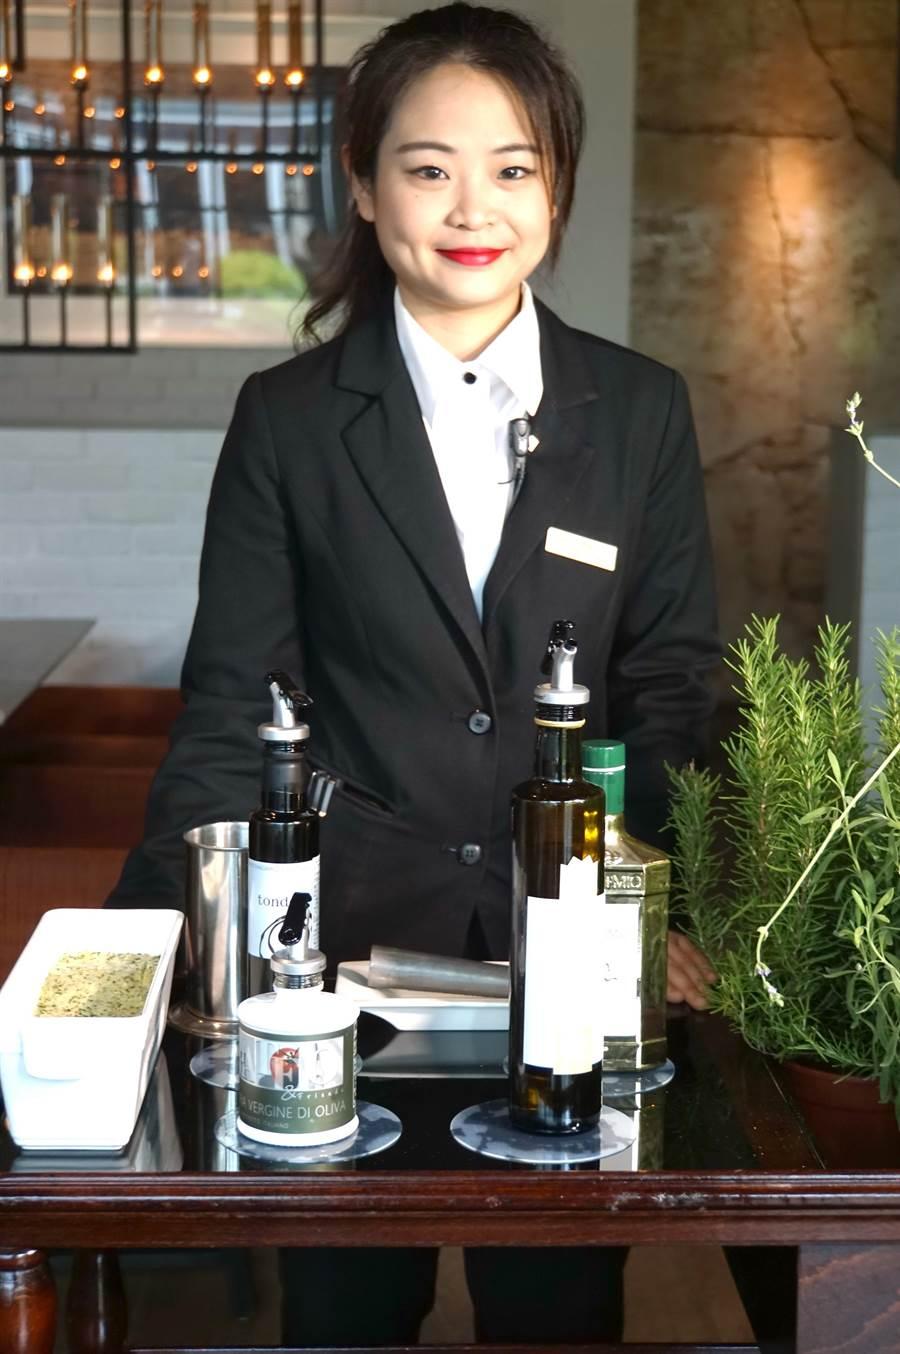 寒舍艾麗酒店的〈La Farfalla〉餐廳轉型升級,並增加了許多桌邊服務。(圖/姚舜)